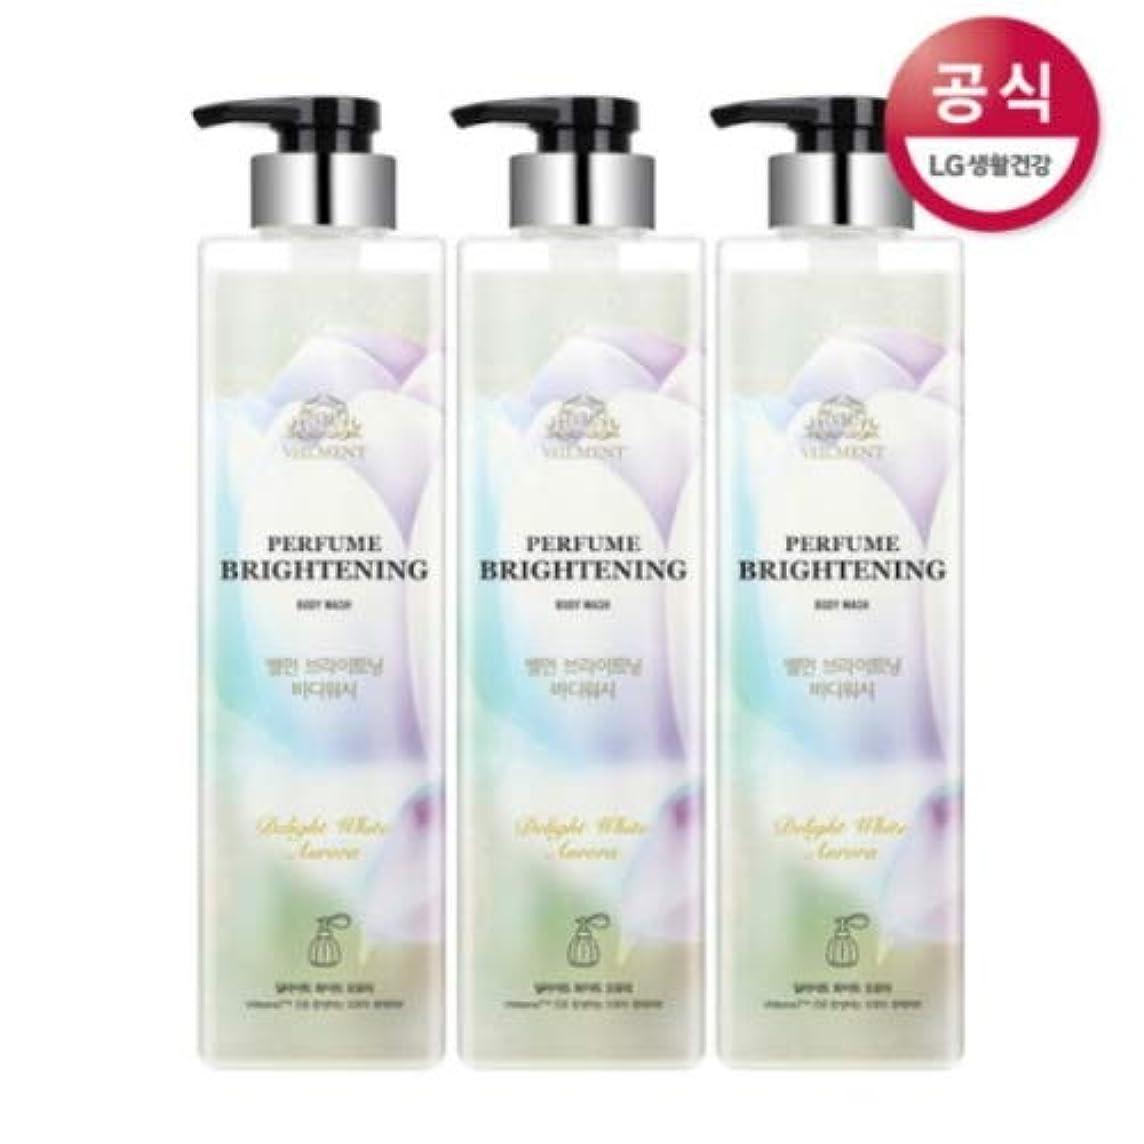 シェル待つフィクション[LG HnB] On the Body Belman Perfume Brightening Body Wash / オンザボディベルモンパフュームブライトニングボディウォッシュ680mlx3個(海外直送品)